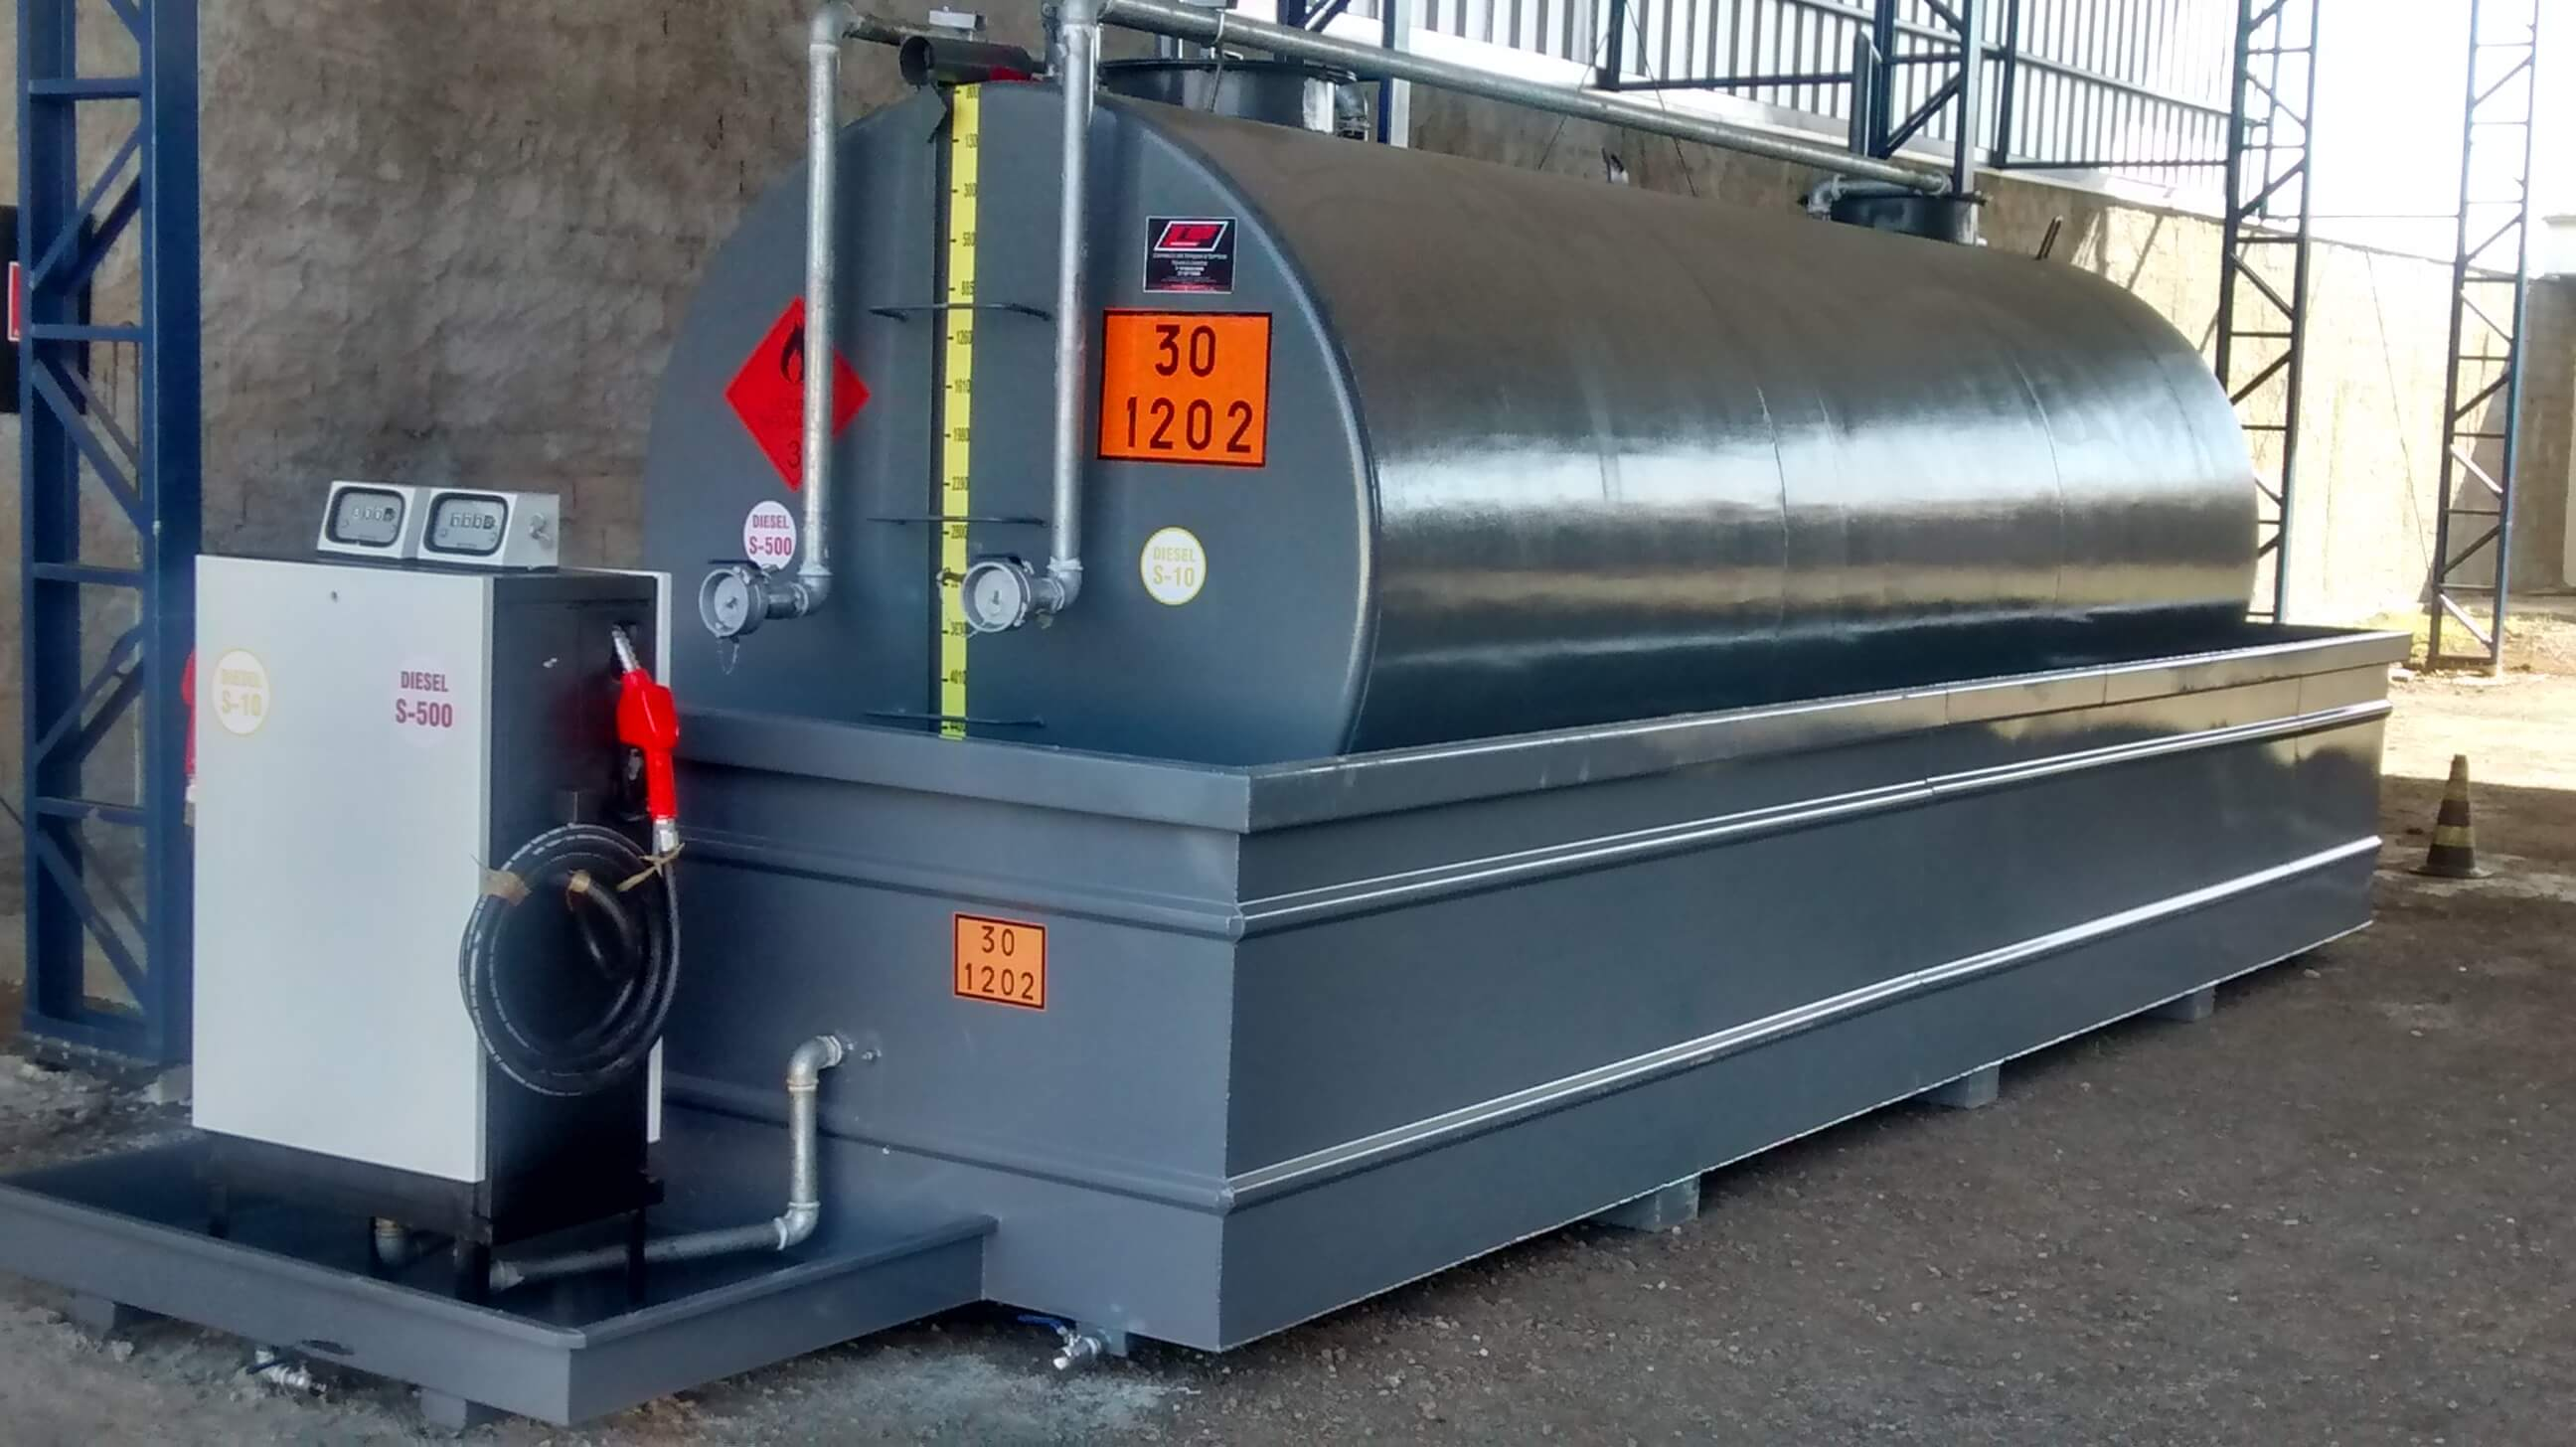 tanques de abastecimento de combustível como fazer inspeção de tanques de combustível a diesel